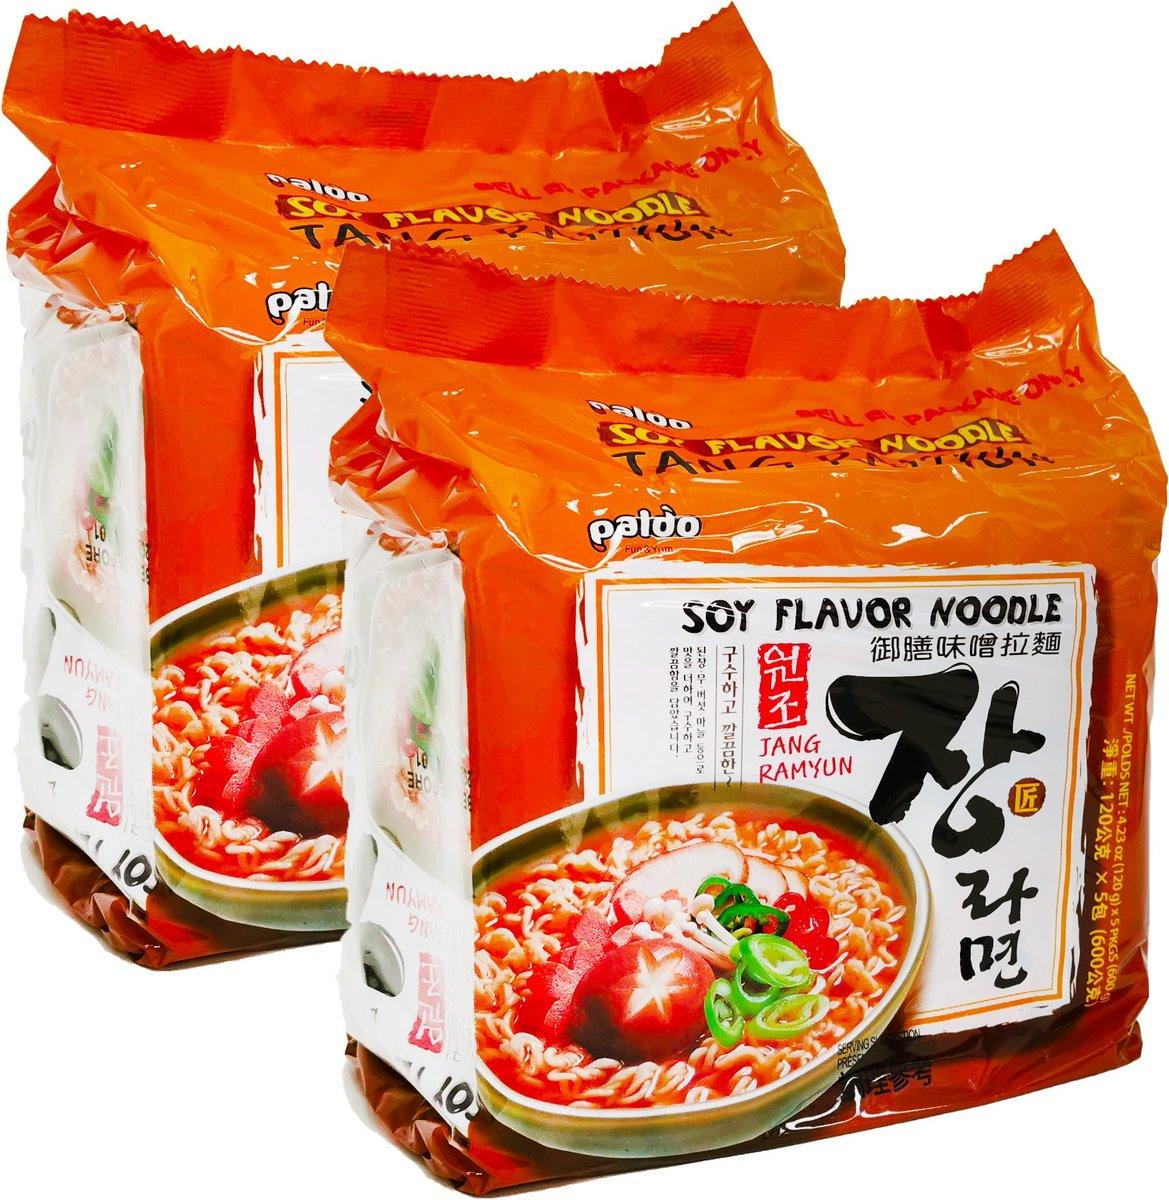 御膳味噌拉麵 (120克 X 5 X 2)